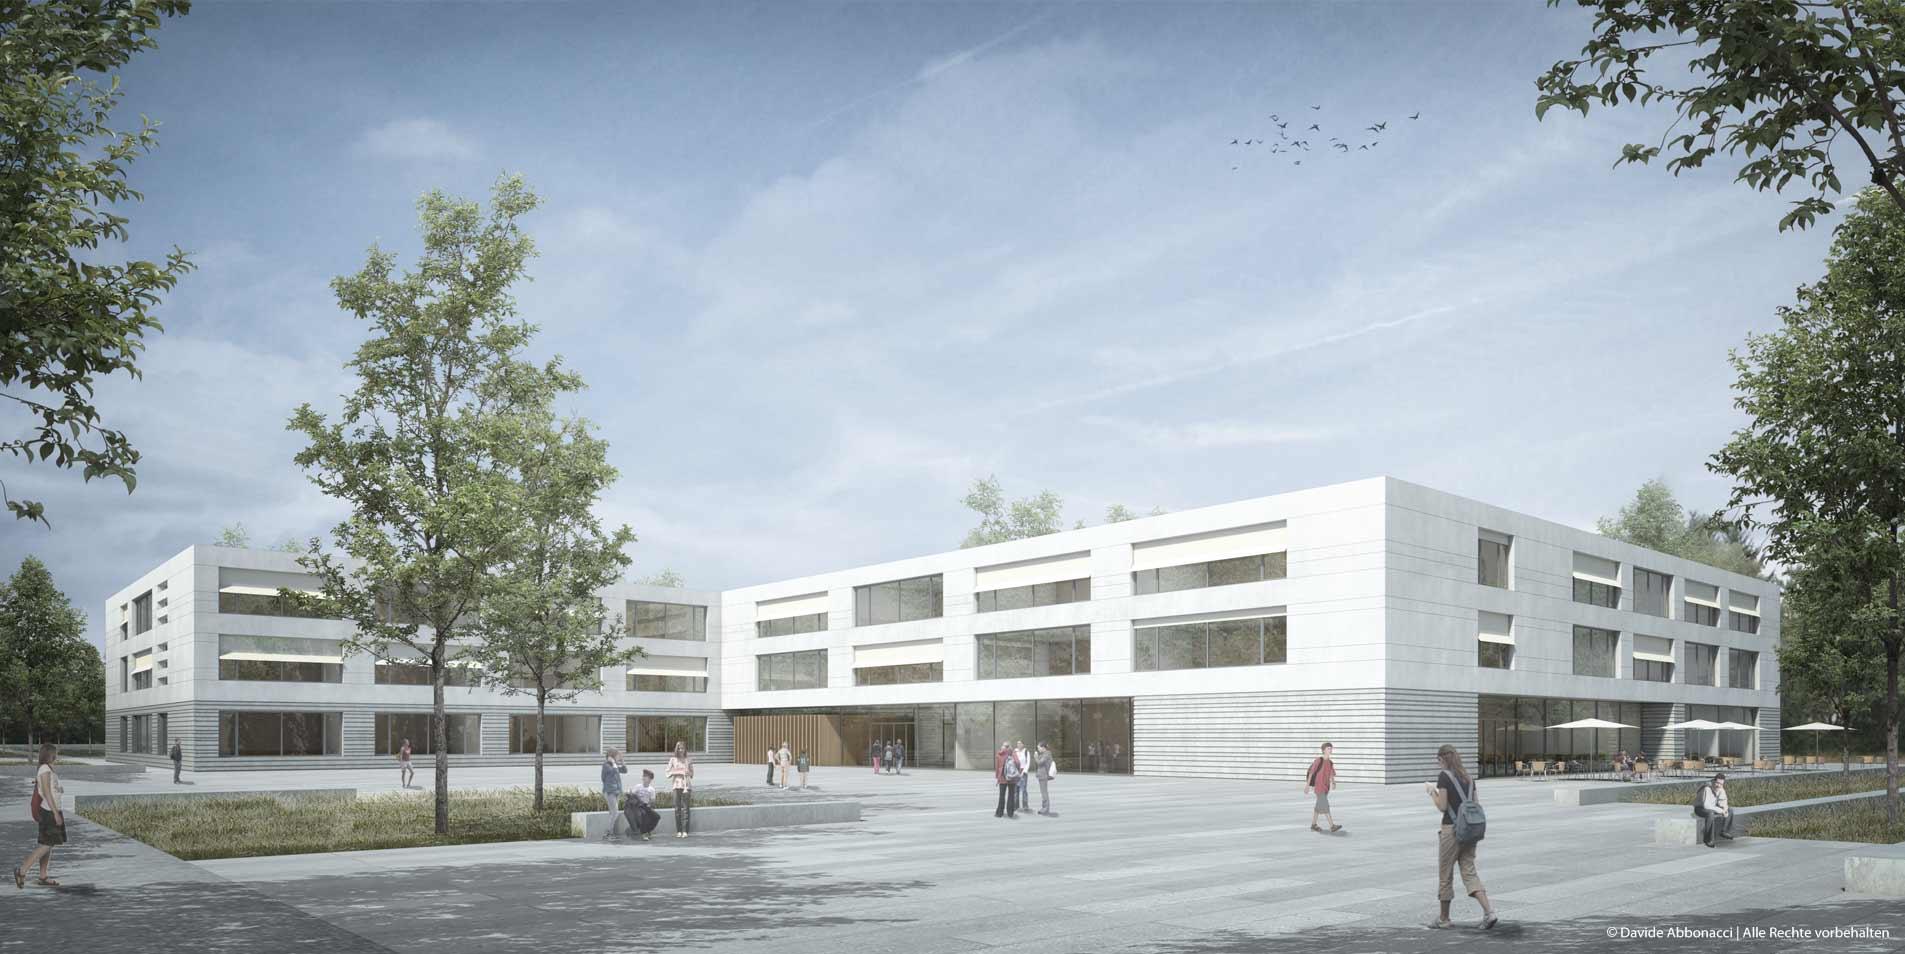 Neubau der Clay-Schule, Berlin | Numrich Albrecht Klumpp Architekten | 2015 Wettbewerbsvisualisierung | 3. Preis